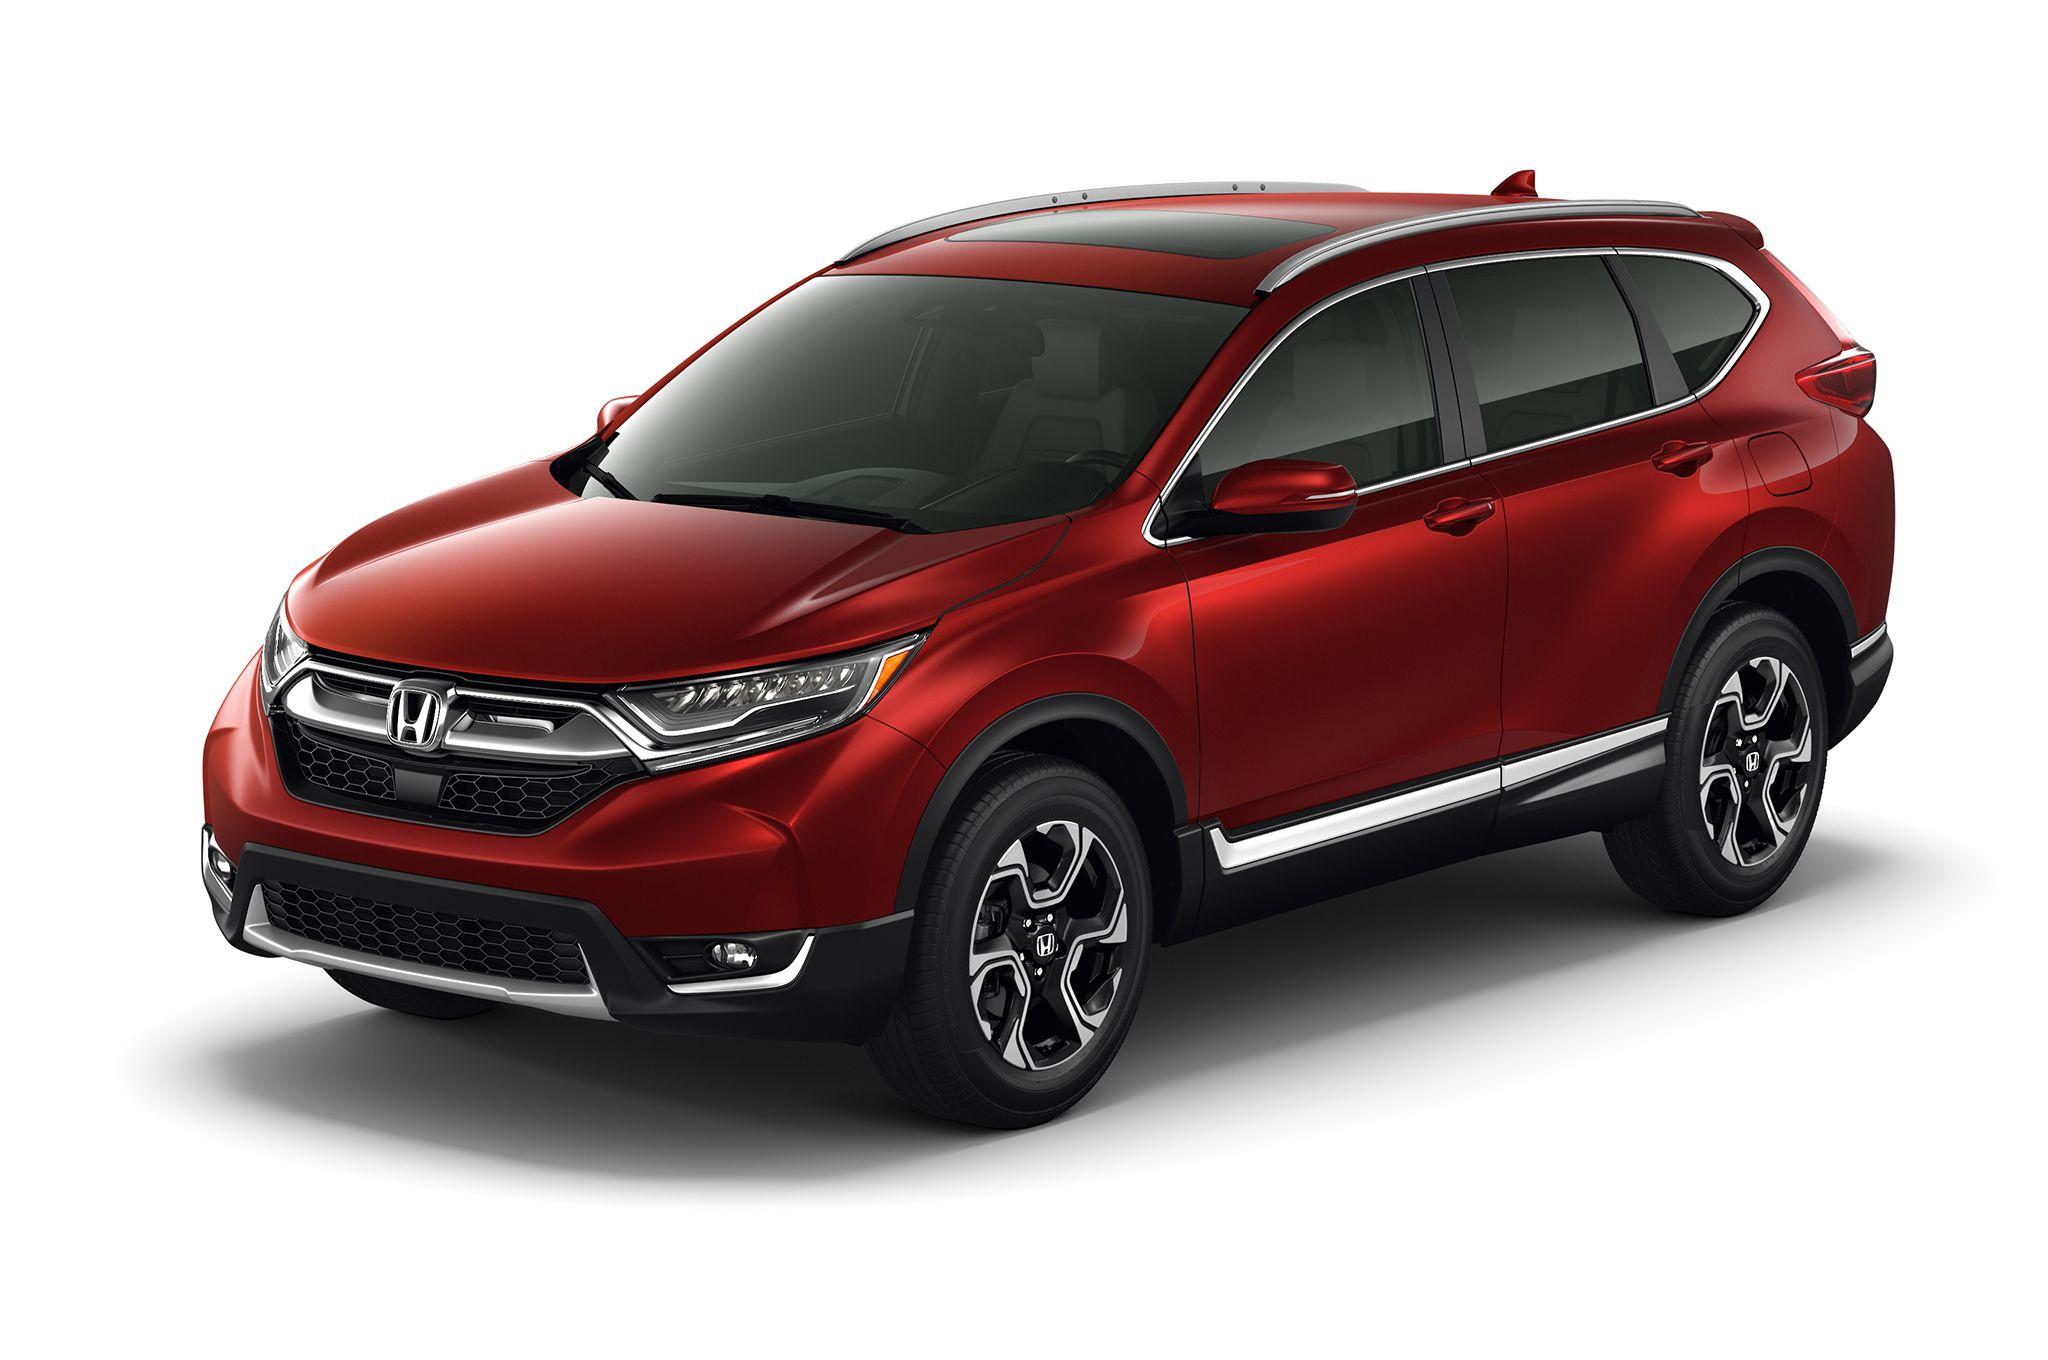 Ưu nhược điểm 3 mẫu xe ô tô Honda đang giảm giá sốc trăm triệu đồng http://ift.tt/2uk03Pl